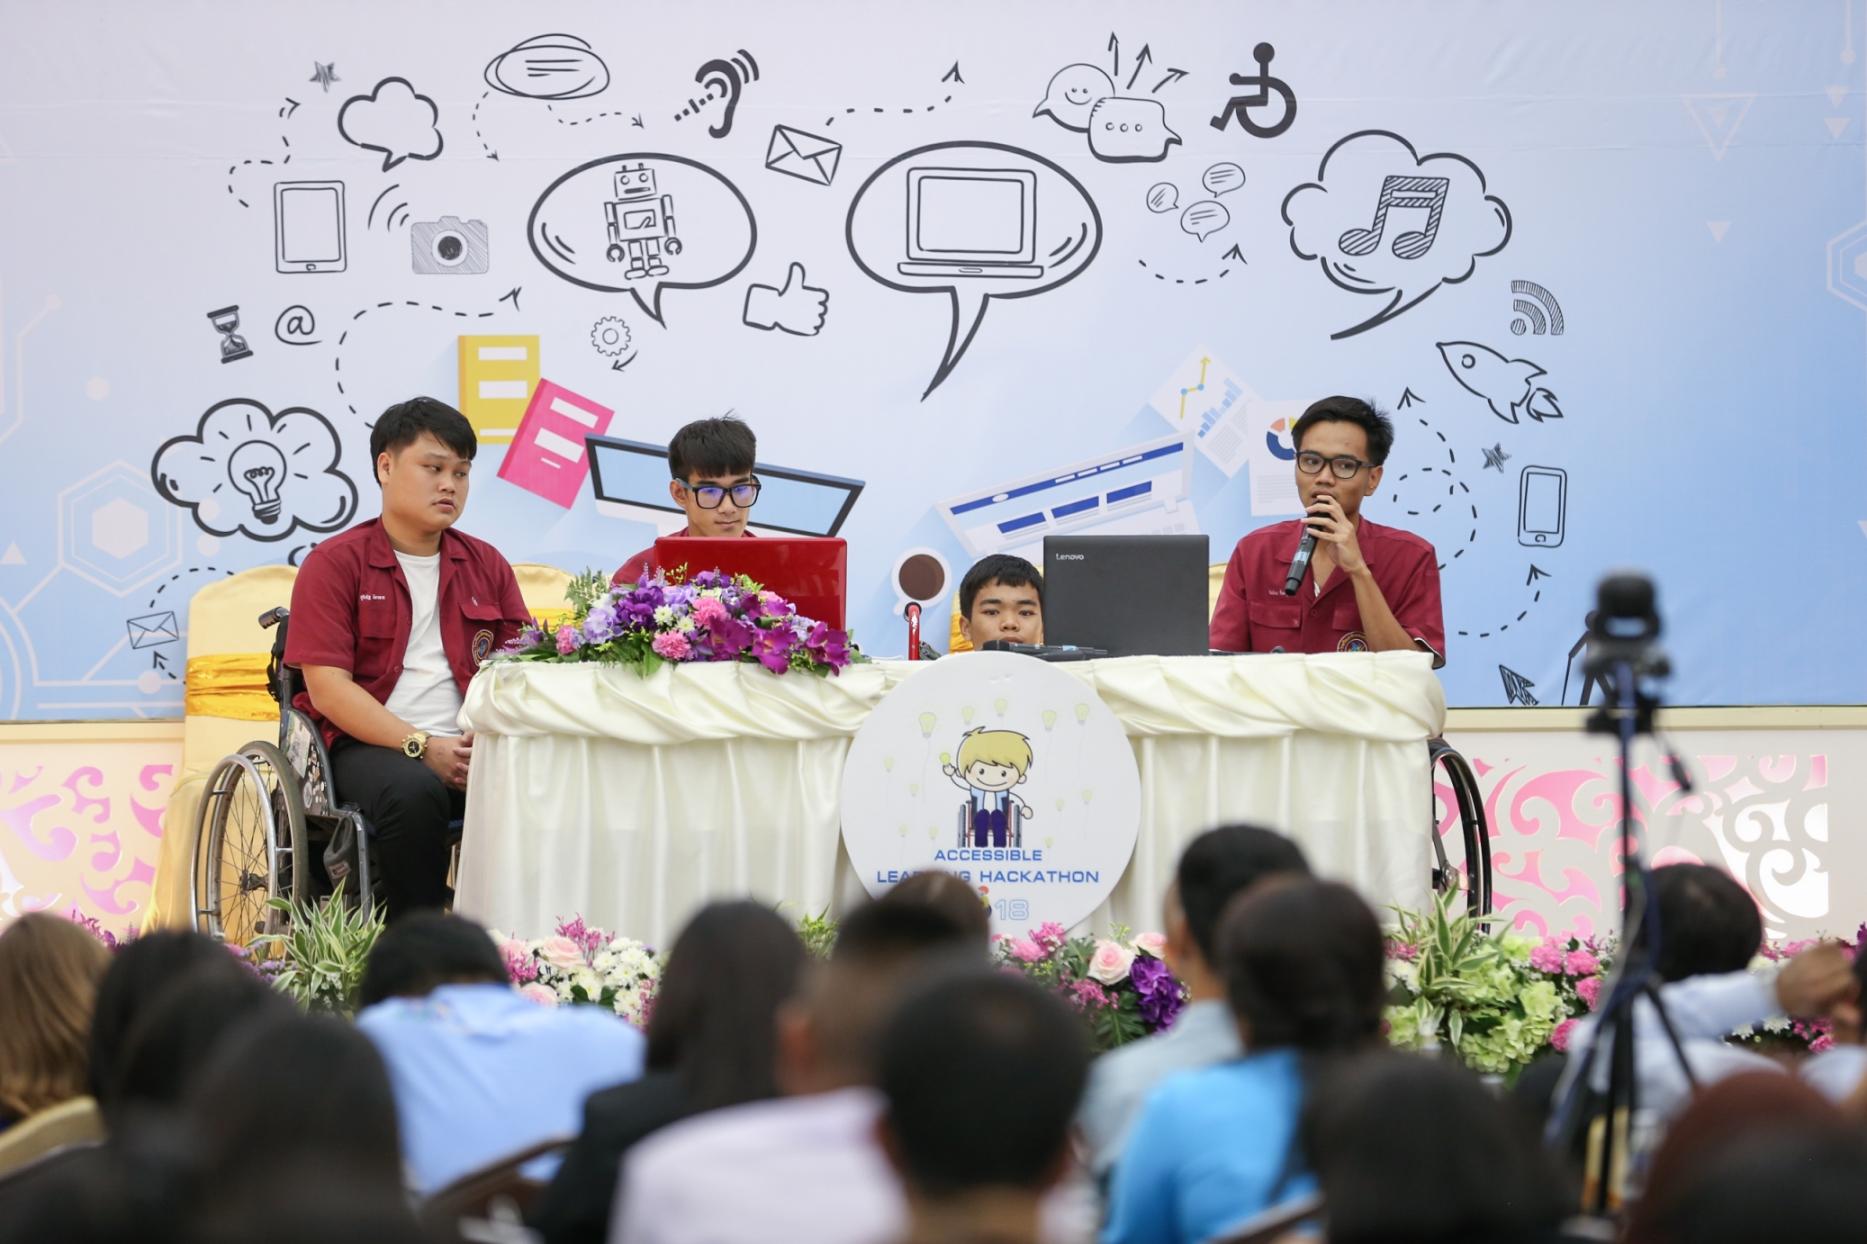 """microsoft accessible learning hackathon 2 ไมโครซอฟท์ ส่งเสริมการพัฒนานวัตกรรมสนับสนุนการเรียนรู้สำหรับนักเรียนพิการ ผ่านการแข่งขัน """"Accessible Learning Hackathon"""""""